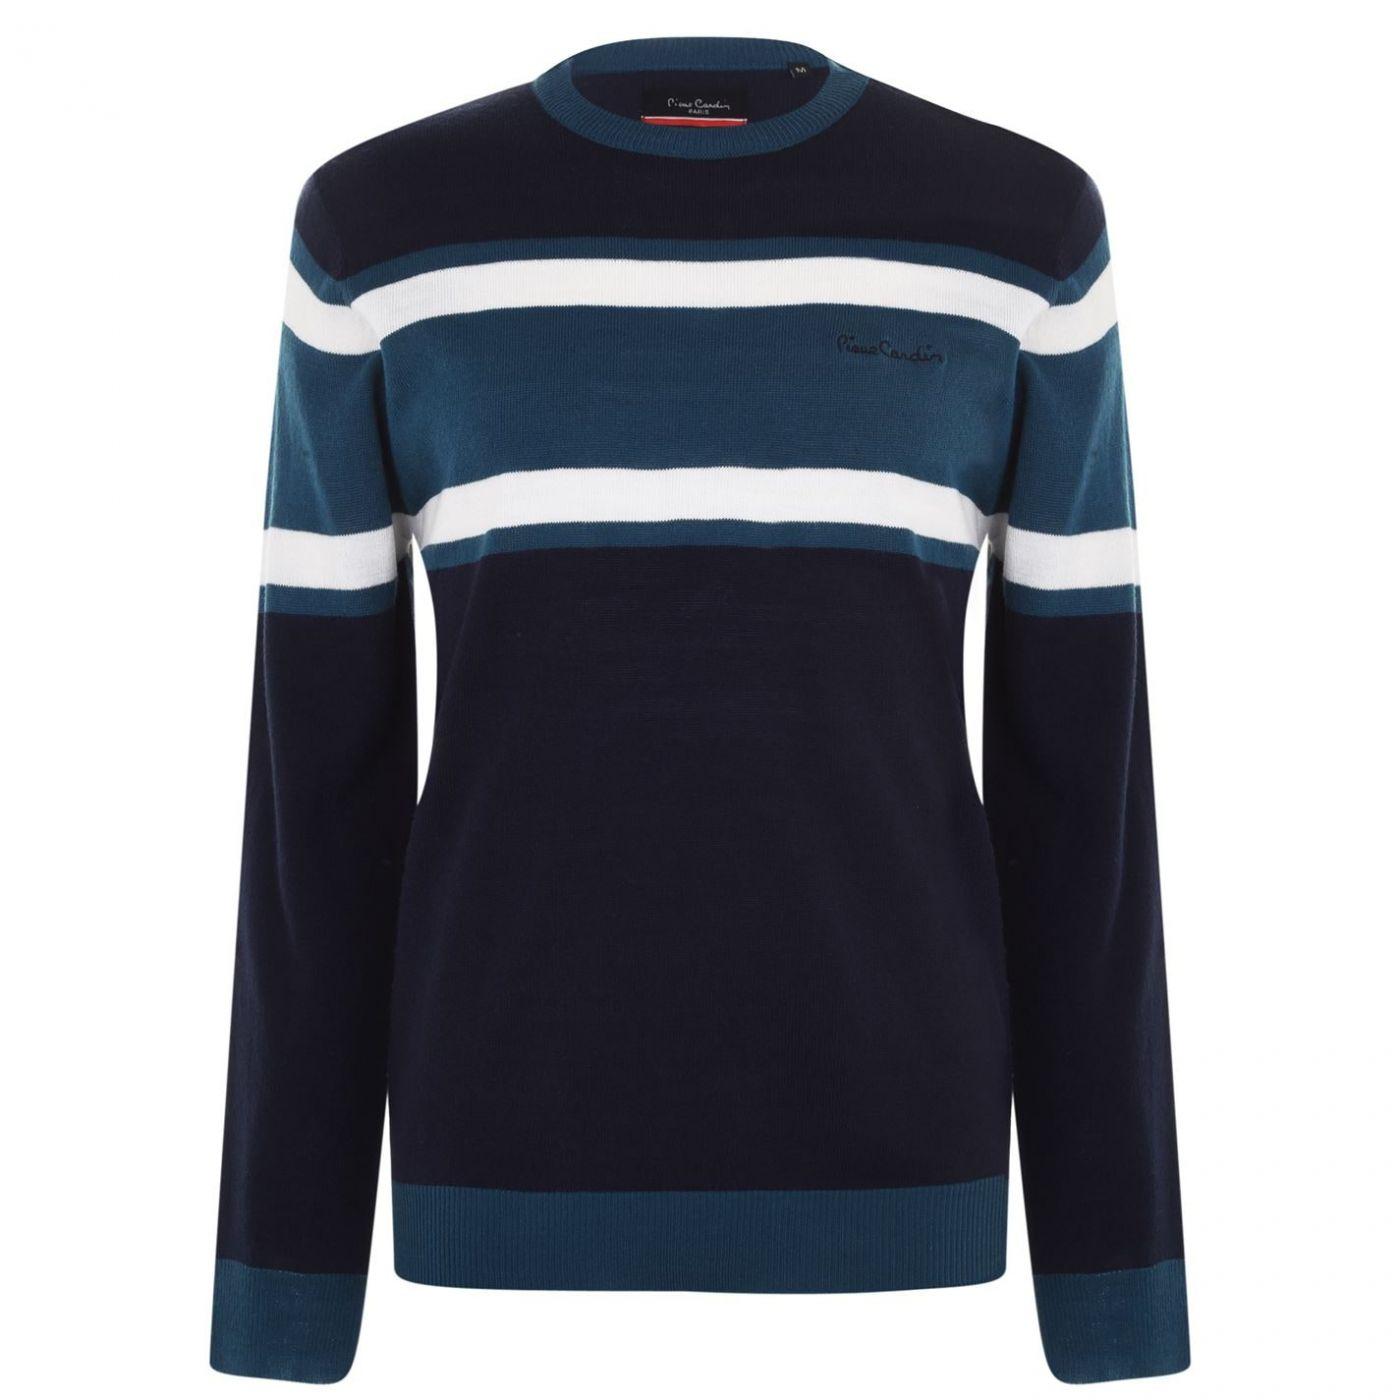 Men's sweatshirt Pierre Cardin Striped